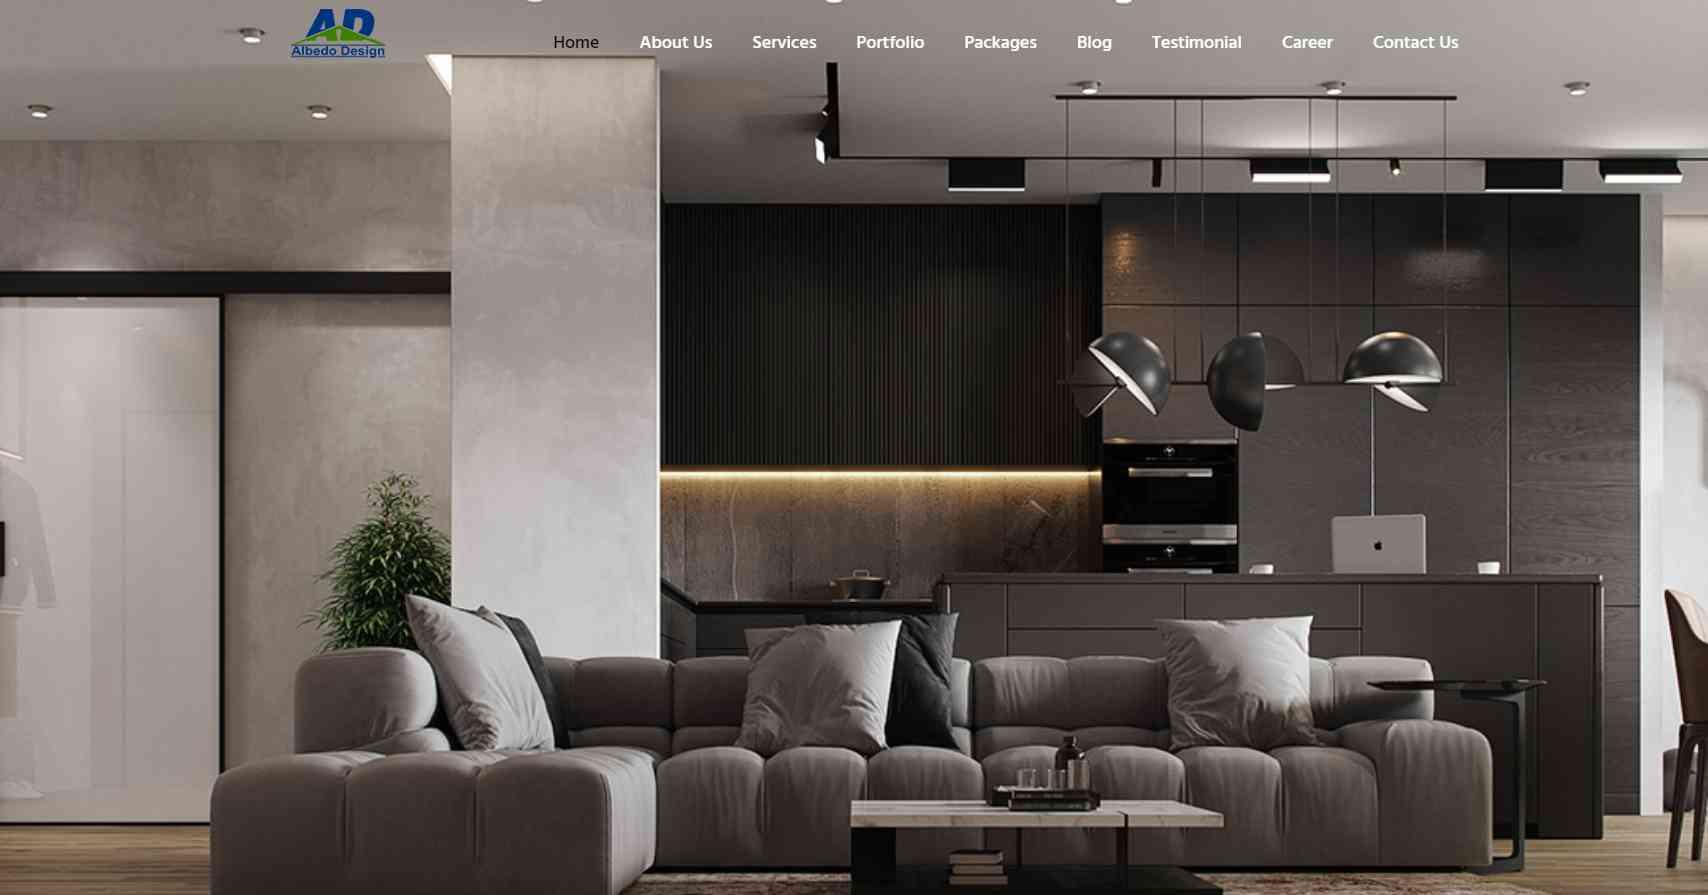 albedo design Top Interior Design Firms In Singapore